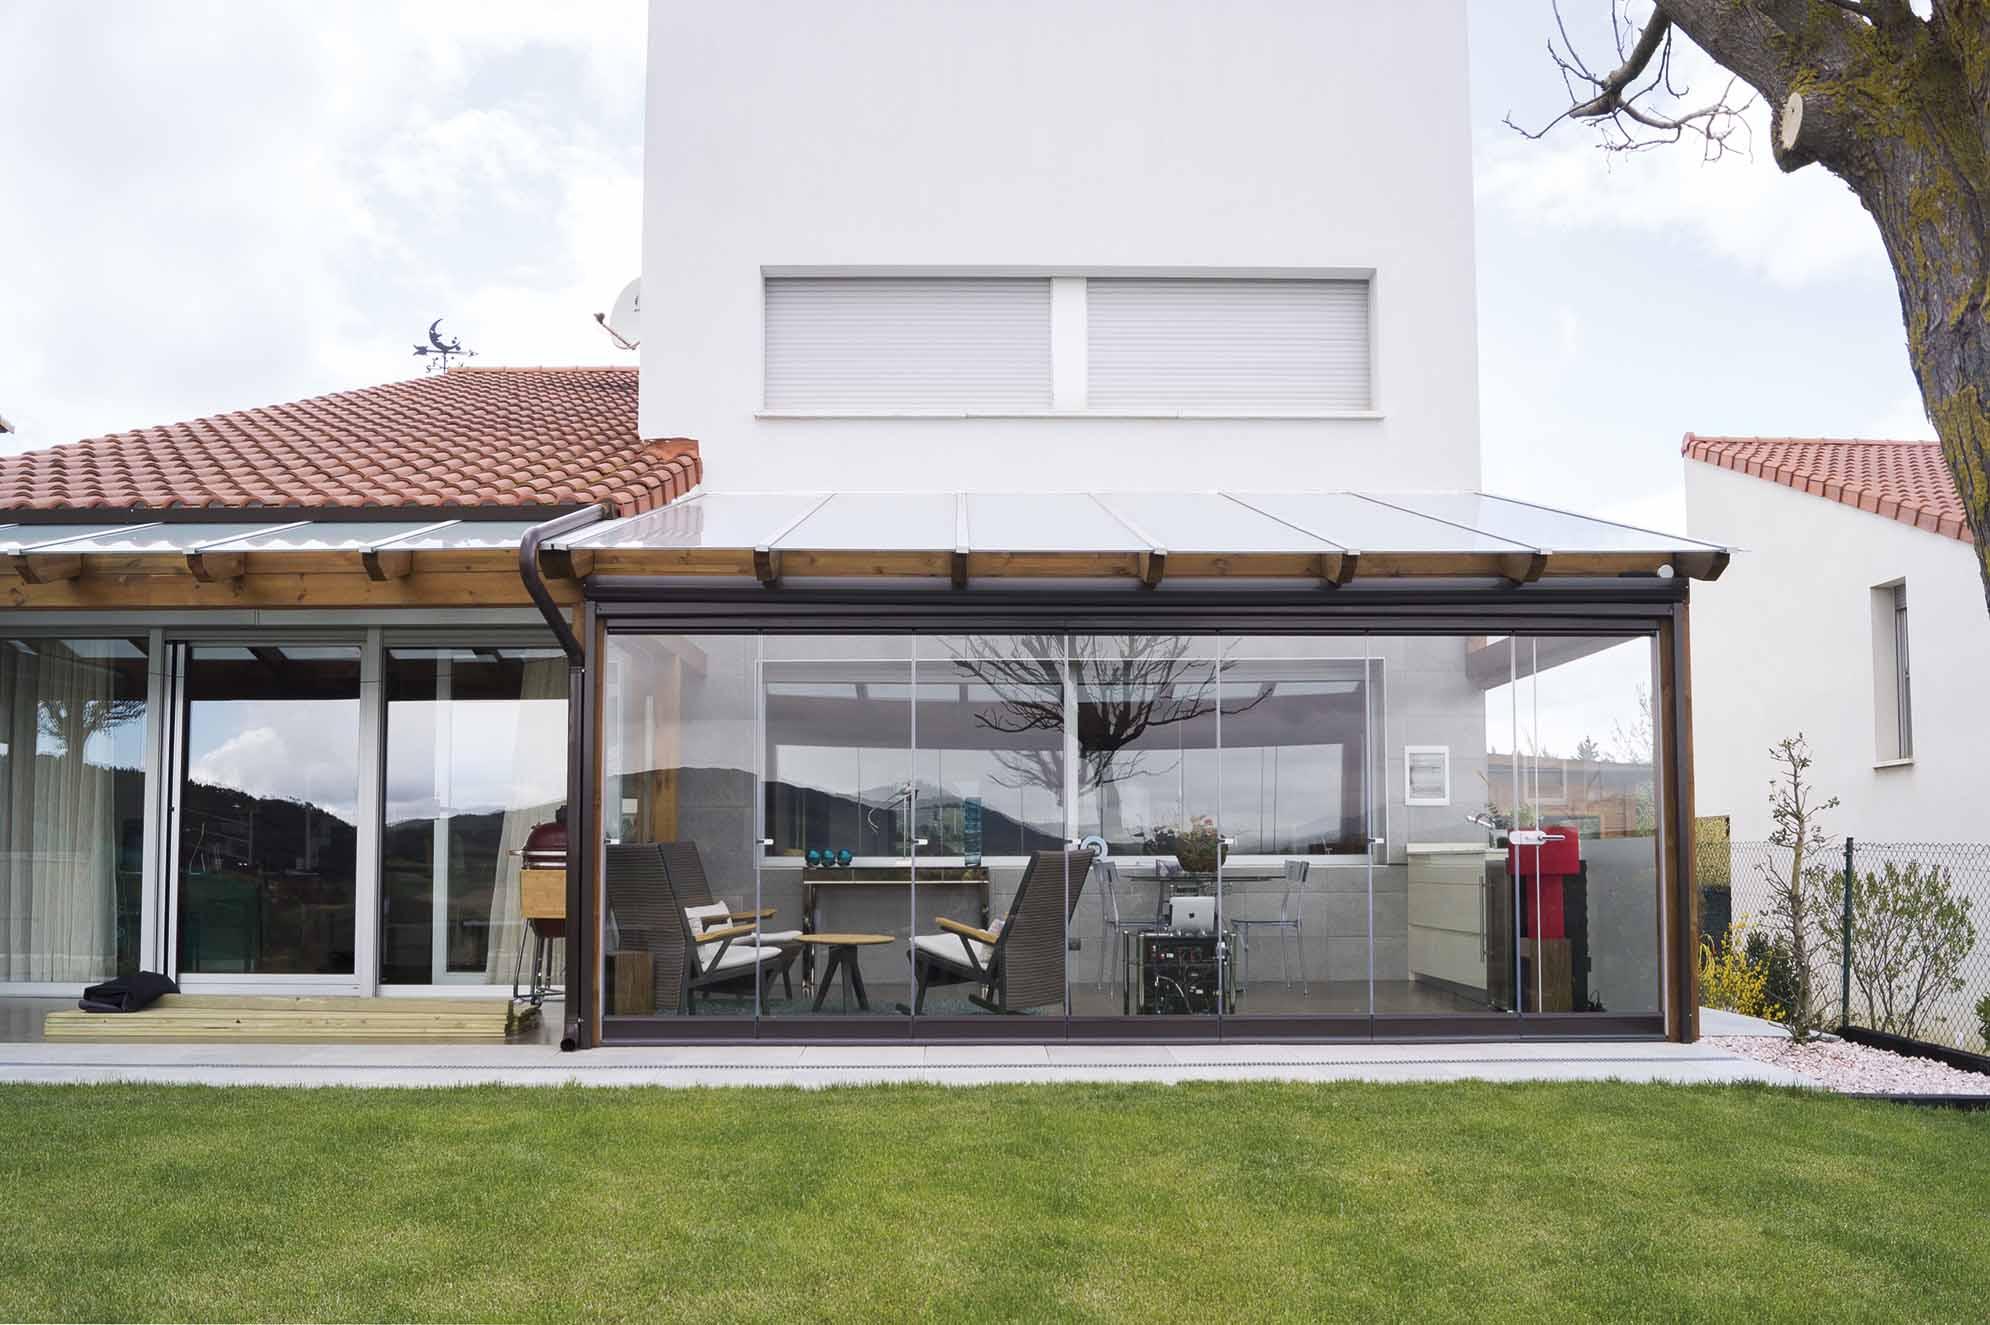 cerramientos-cristal-porches-jardines-aticos-18